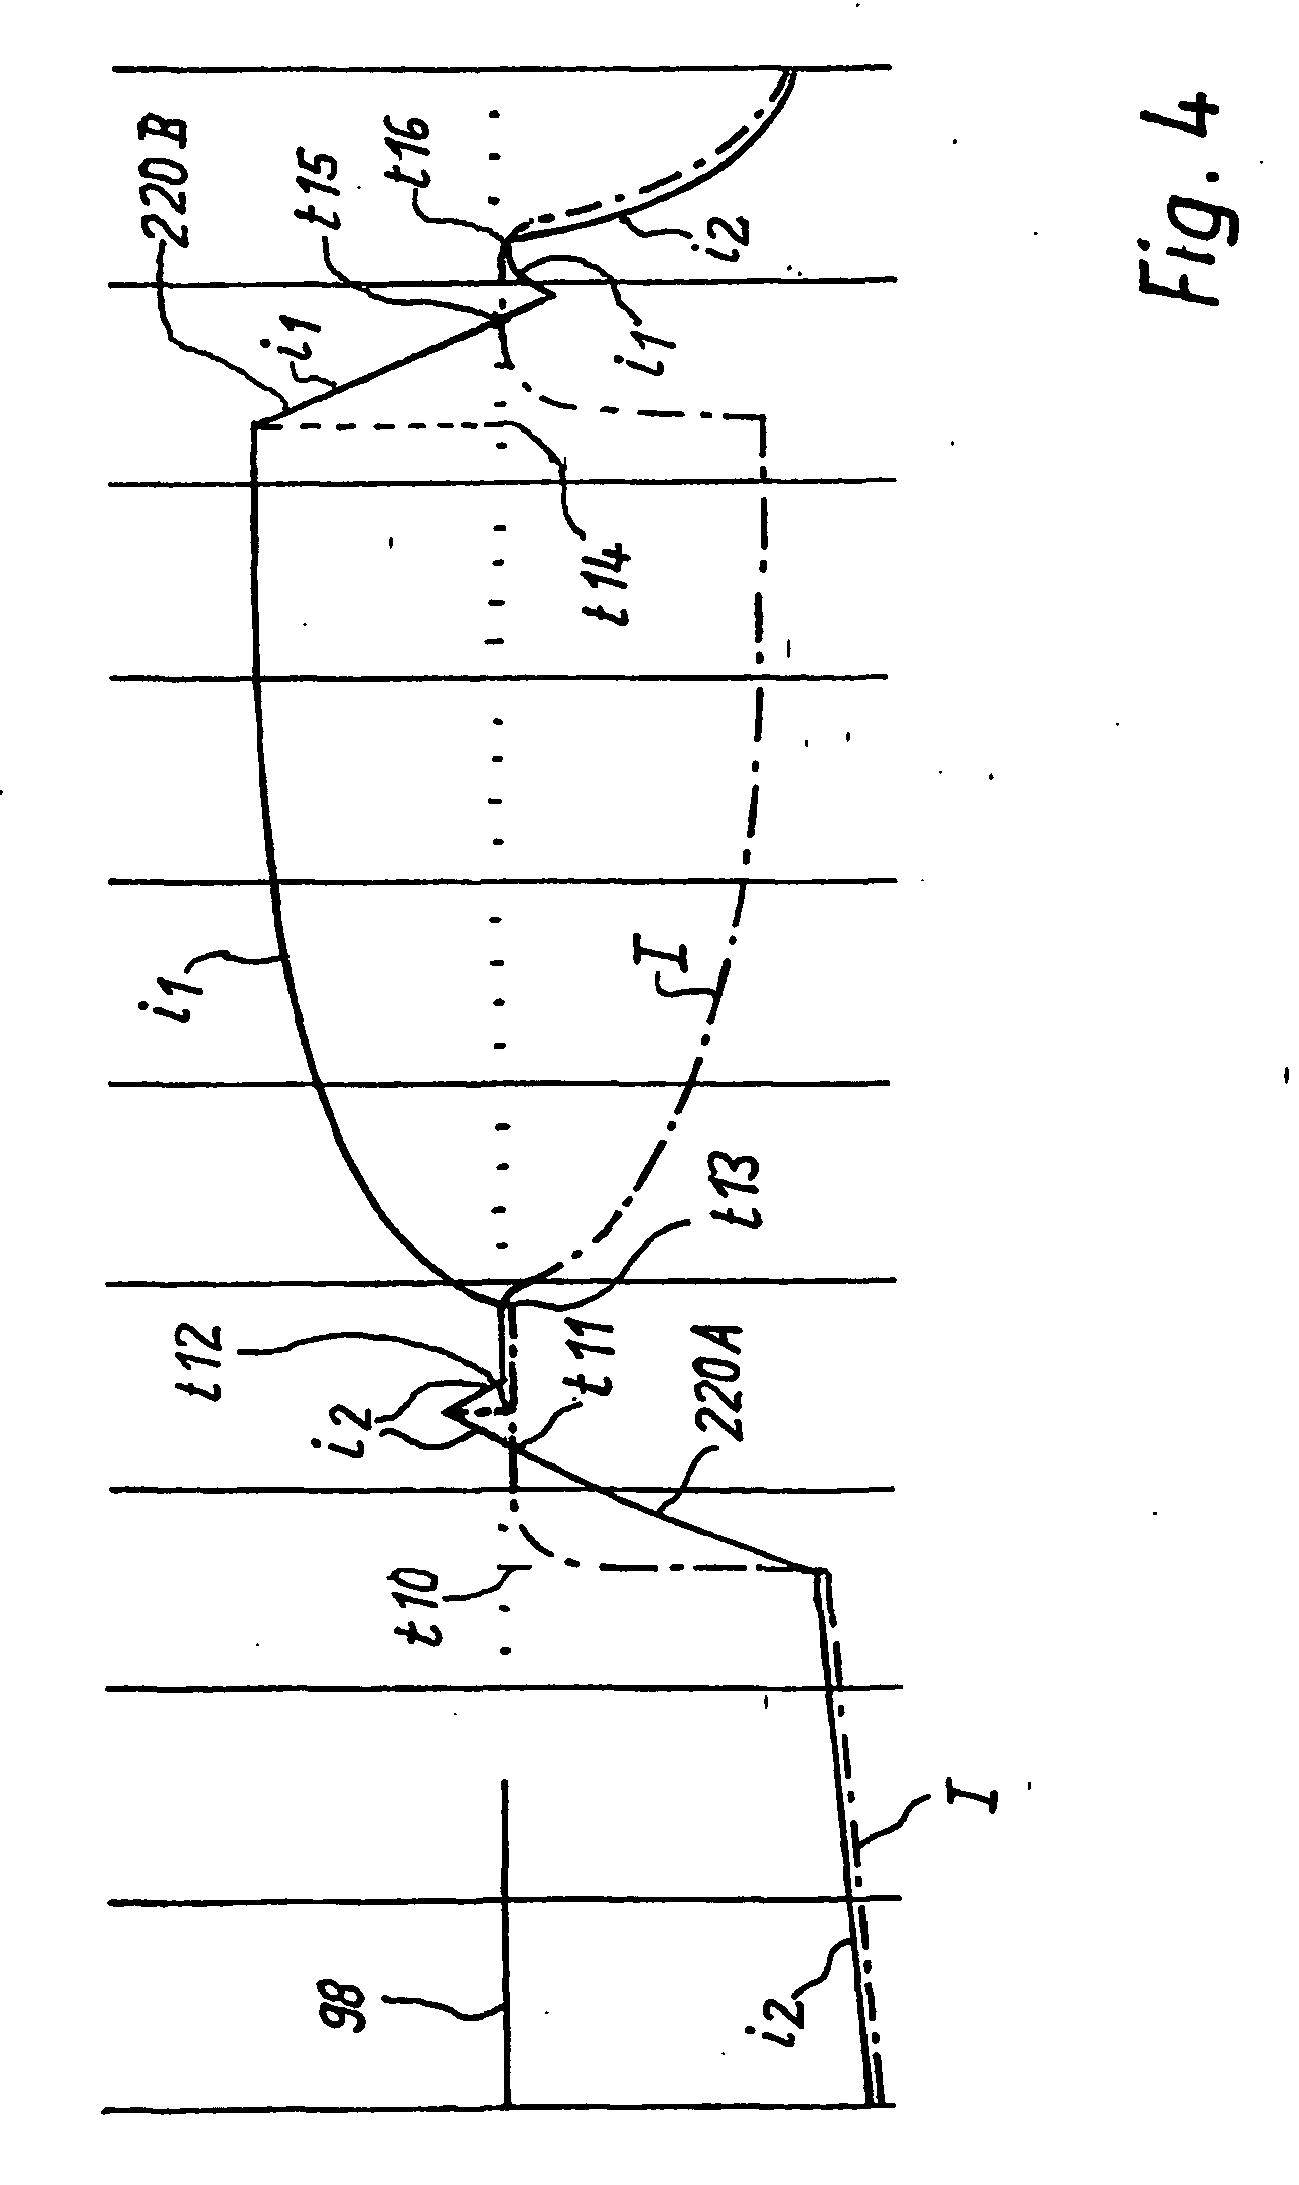 Berühmt Schematisches Diagramm Einer Einfachen Schaltung Bilder ...